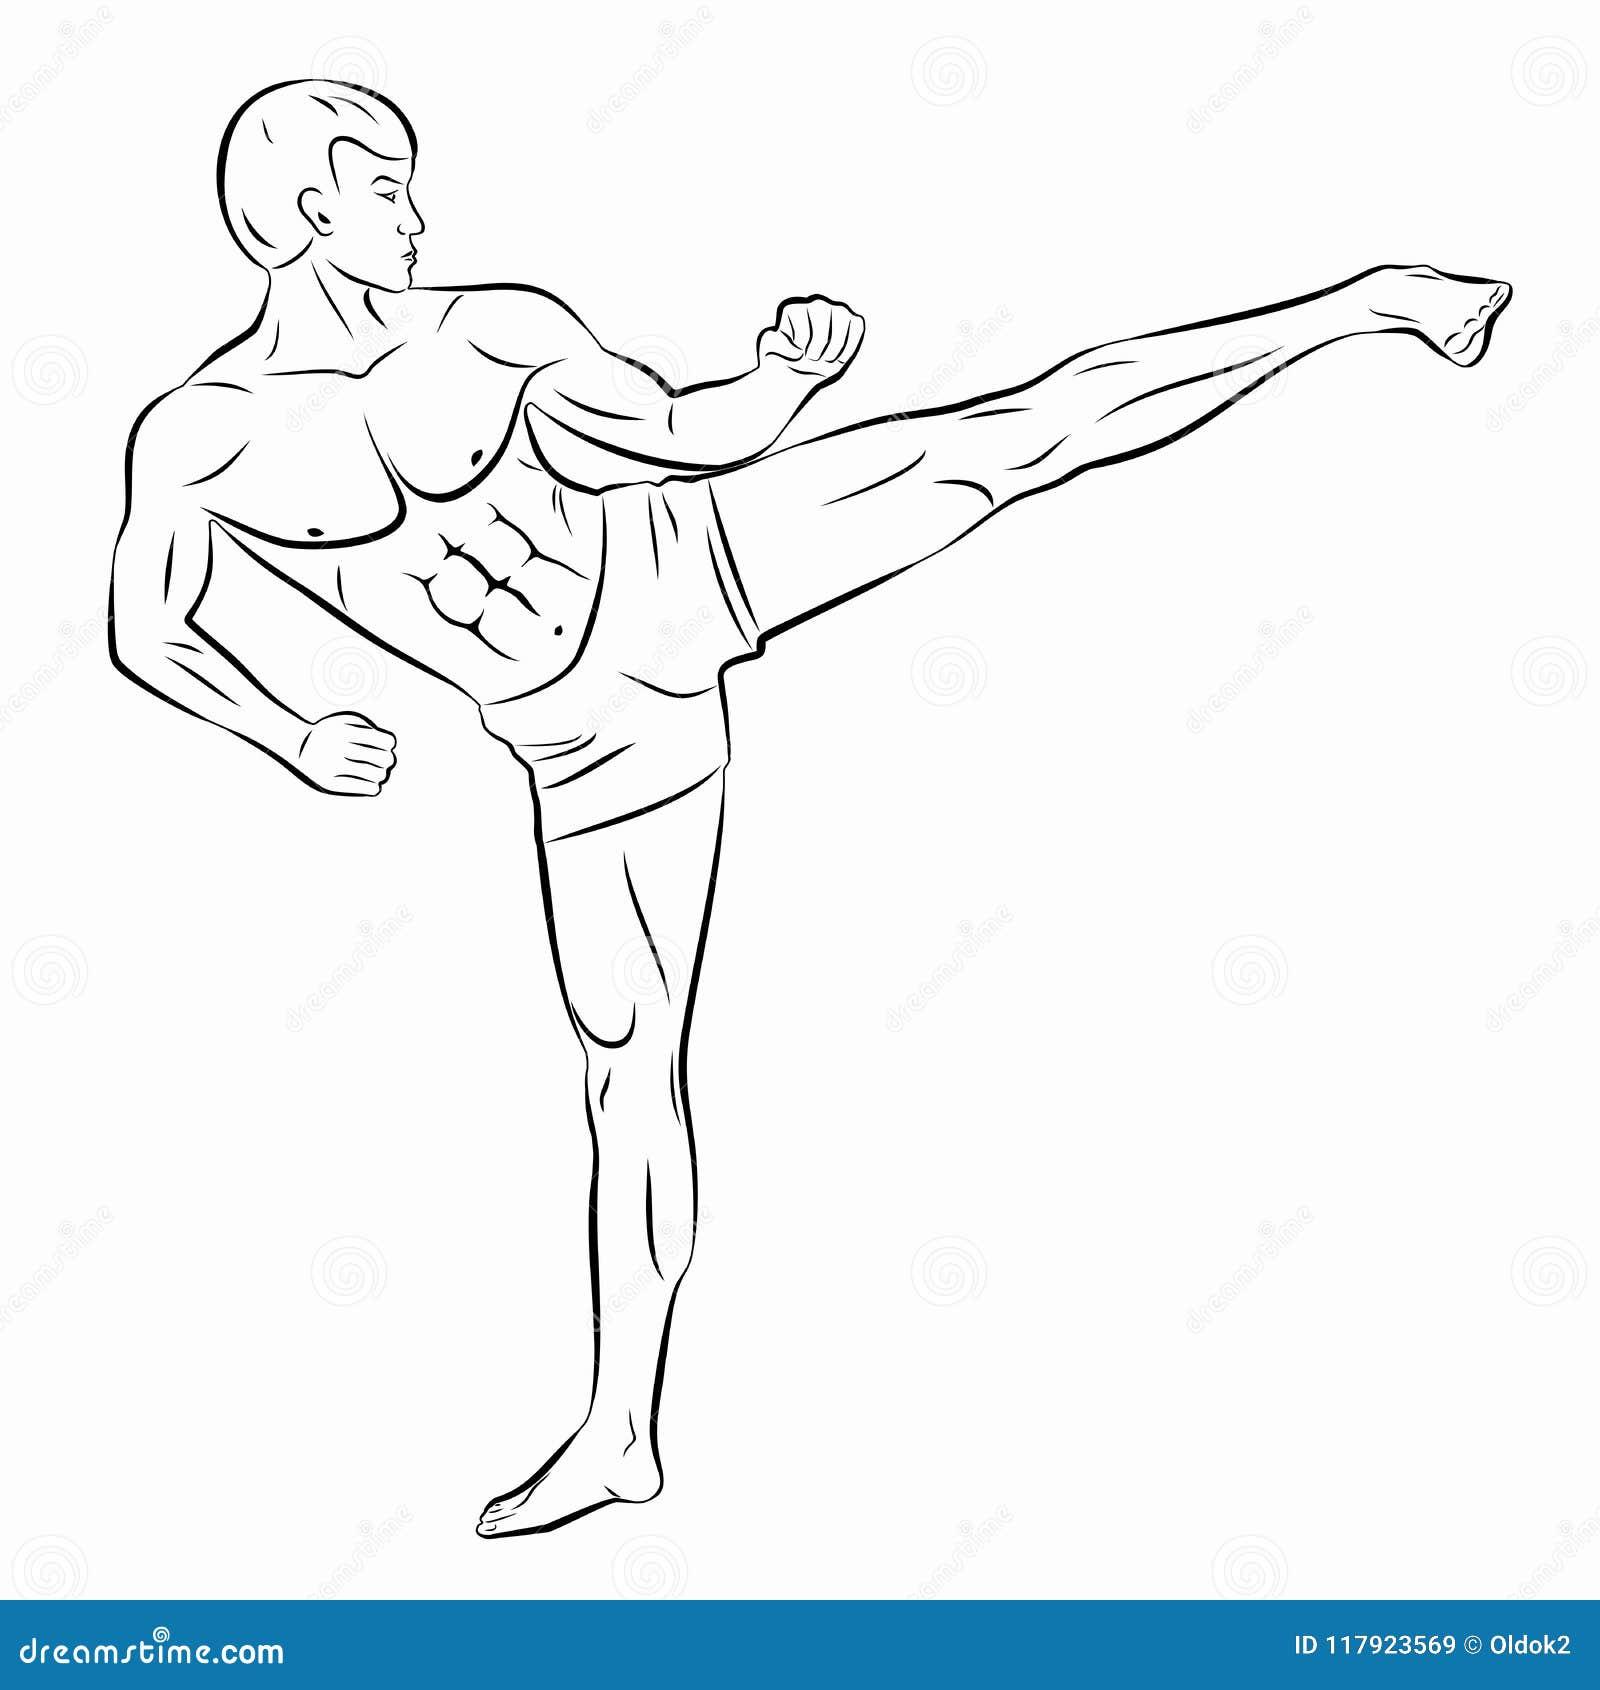 Ilustracao De Um Kickboxer Tracao Do Vetor Ilustracao Do Vetor